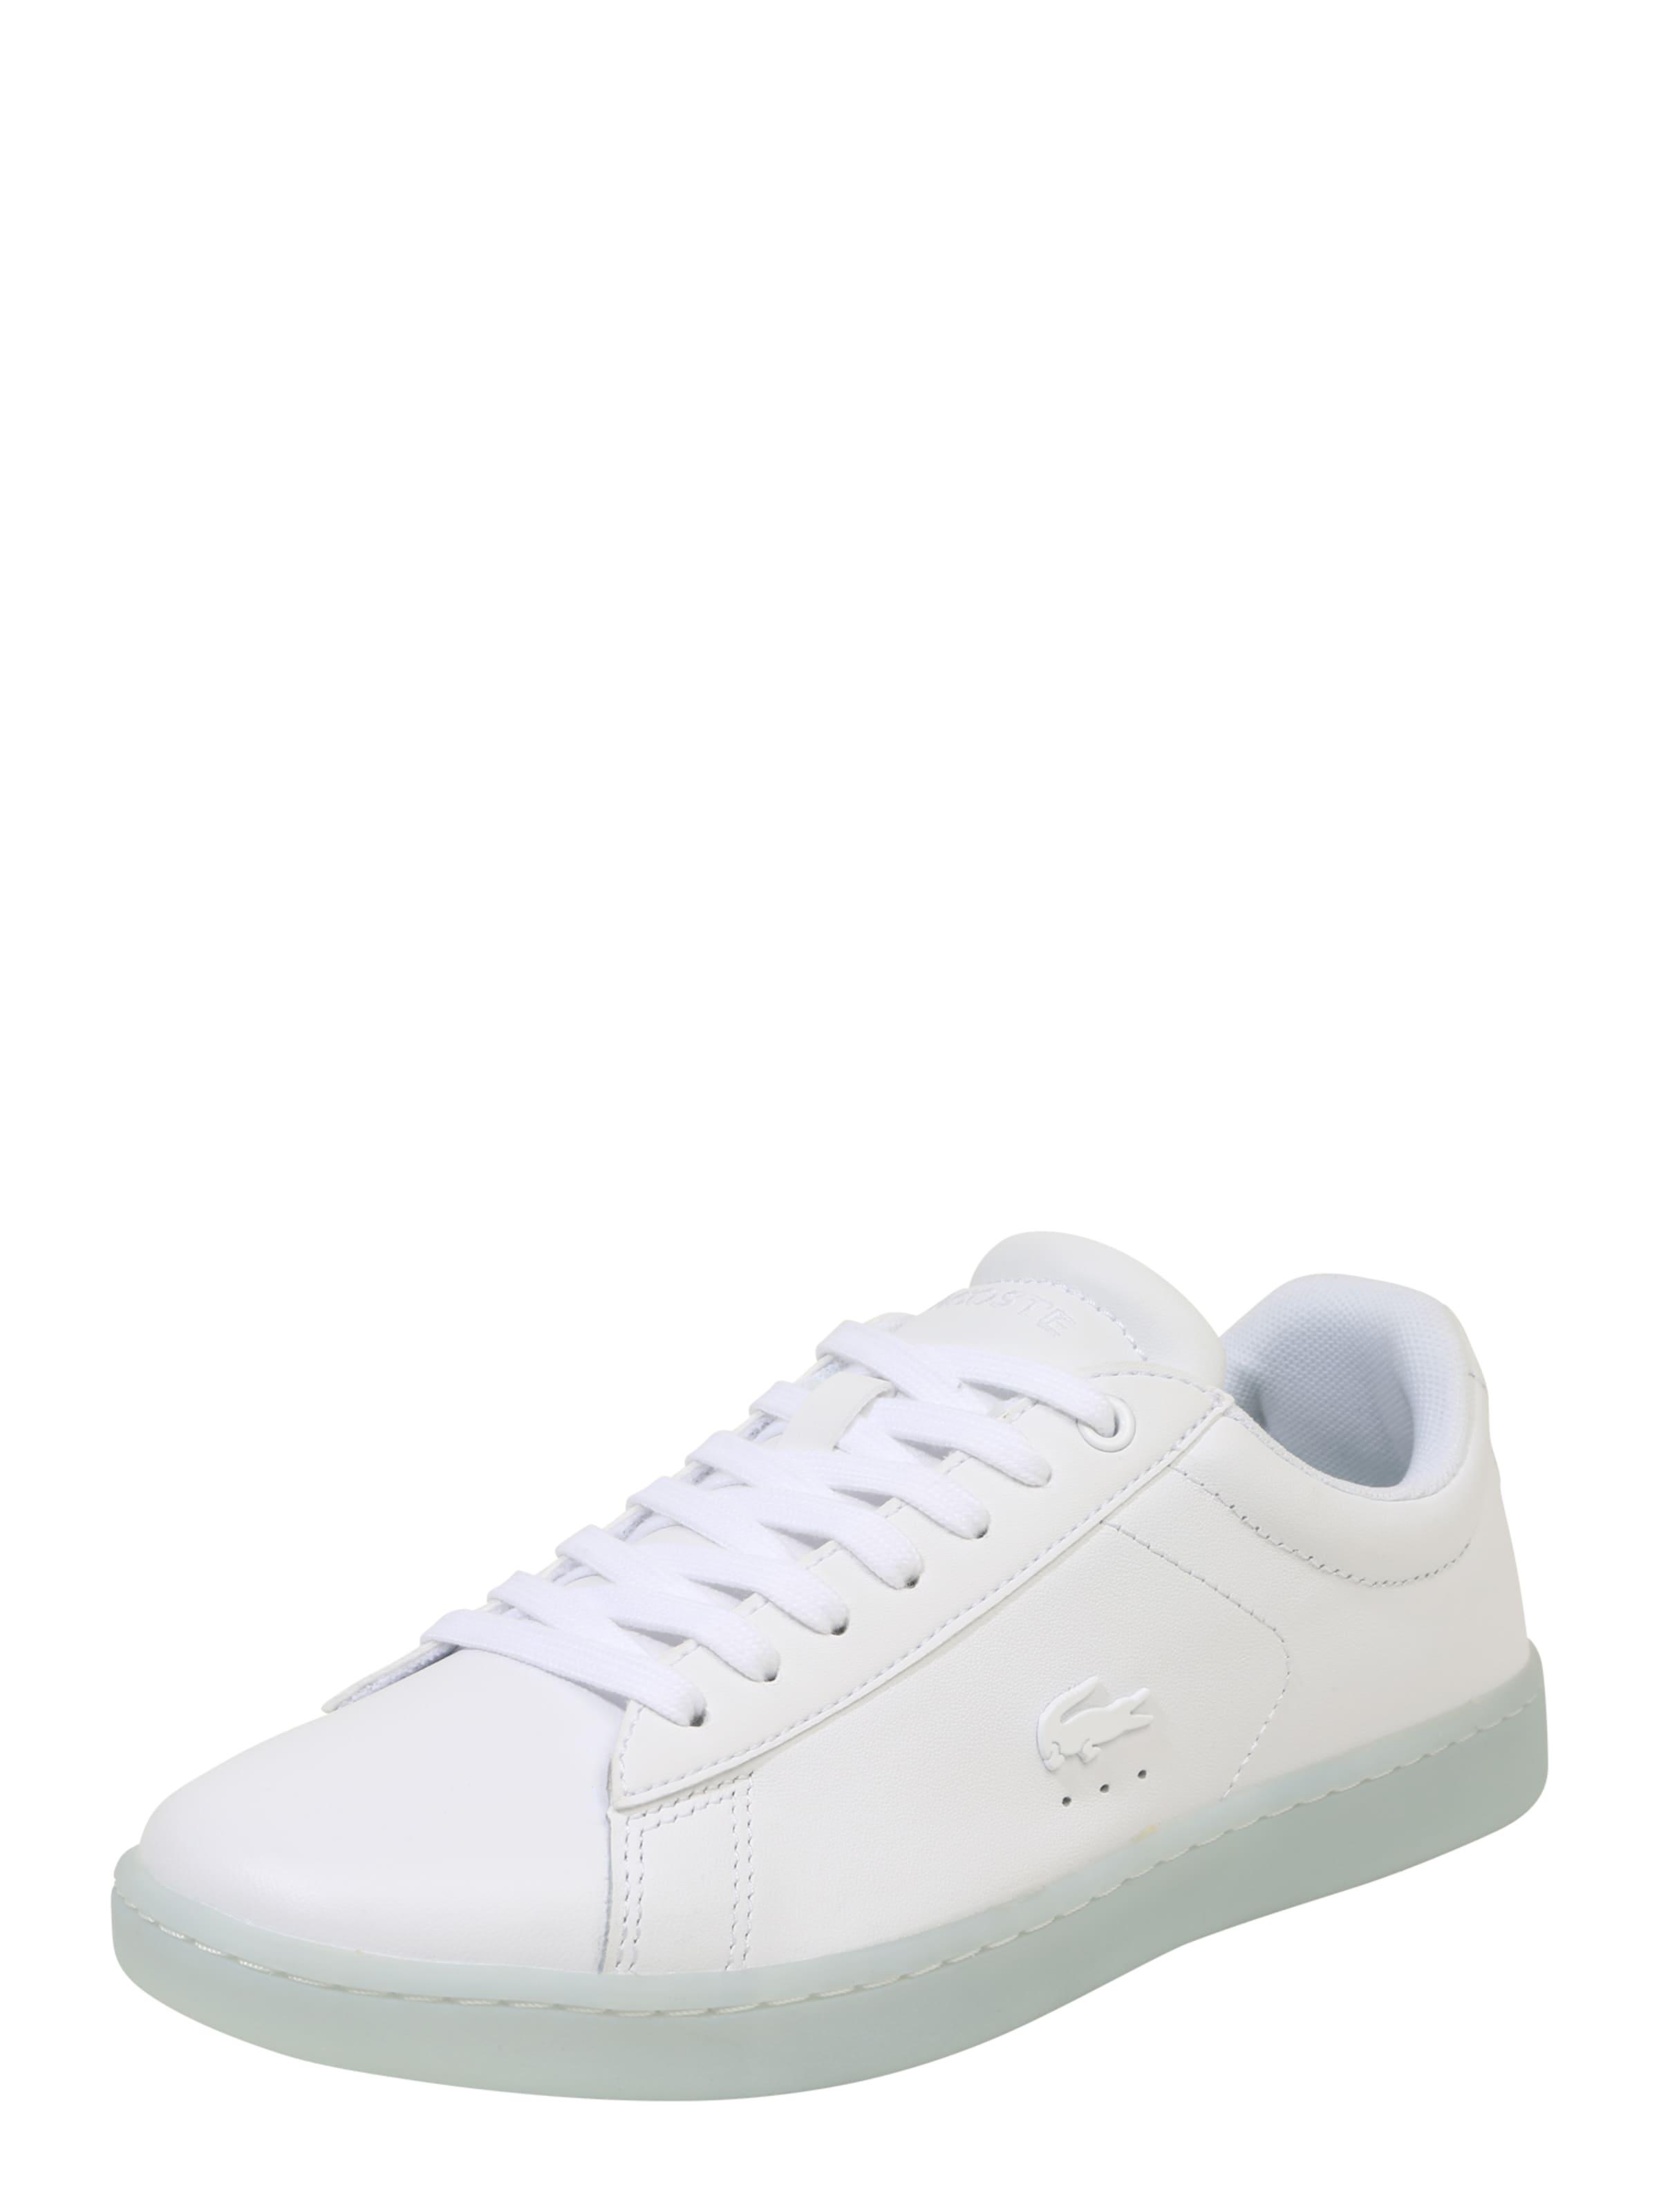 Haltbare Mode billige Schuhe LACOSTE | Sneaker 'Carnaby' Schuhe Schuhe Schuhe Gut getragene Schuhe 477c91